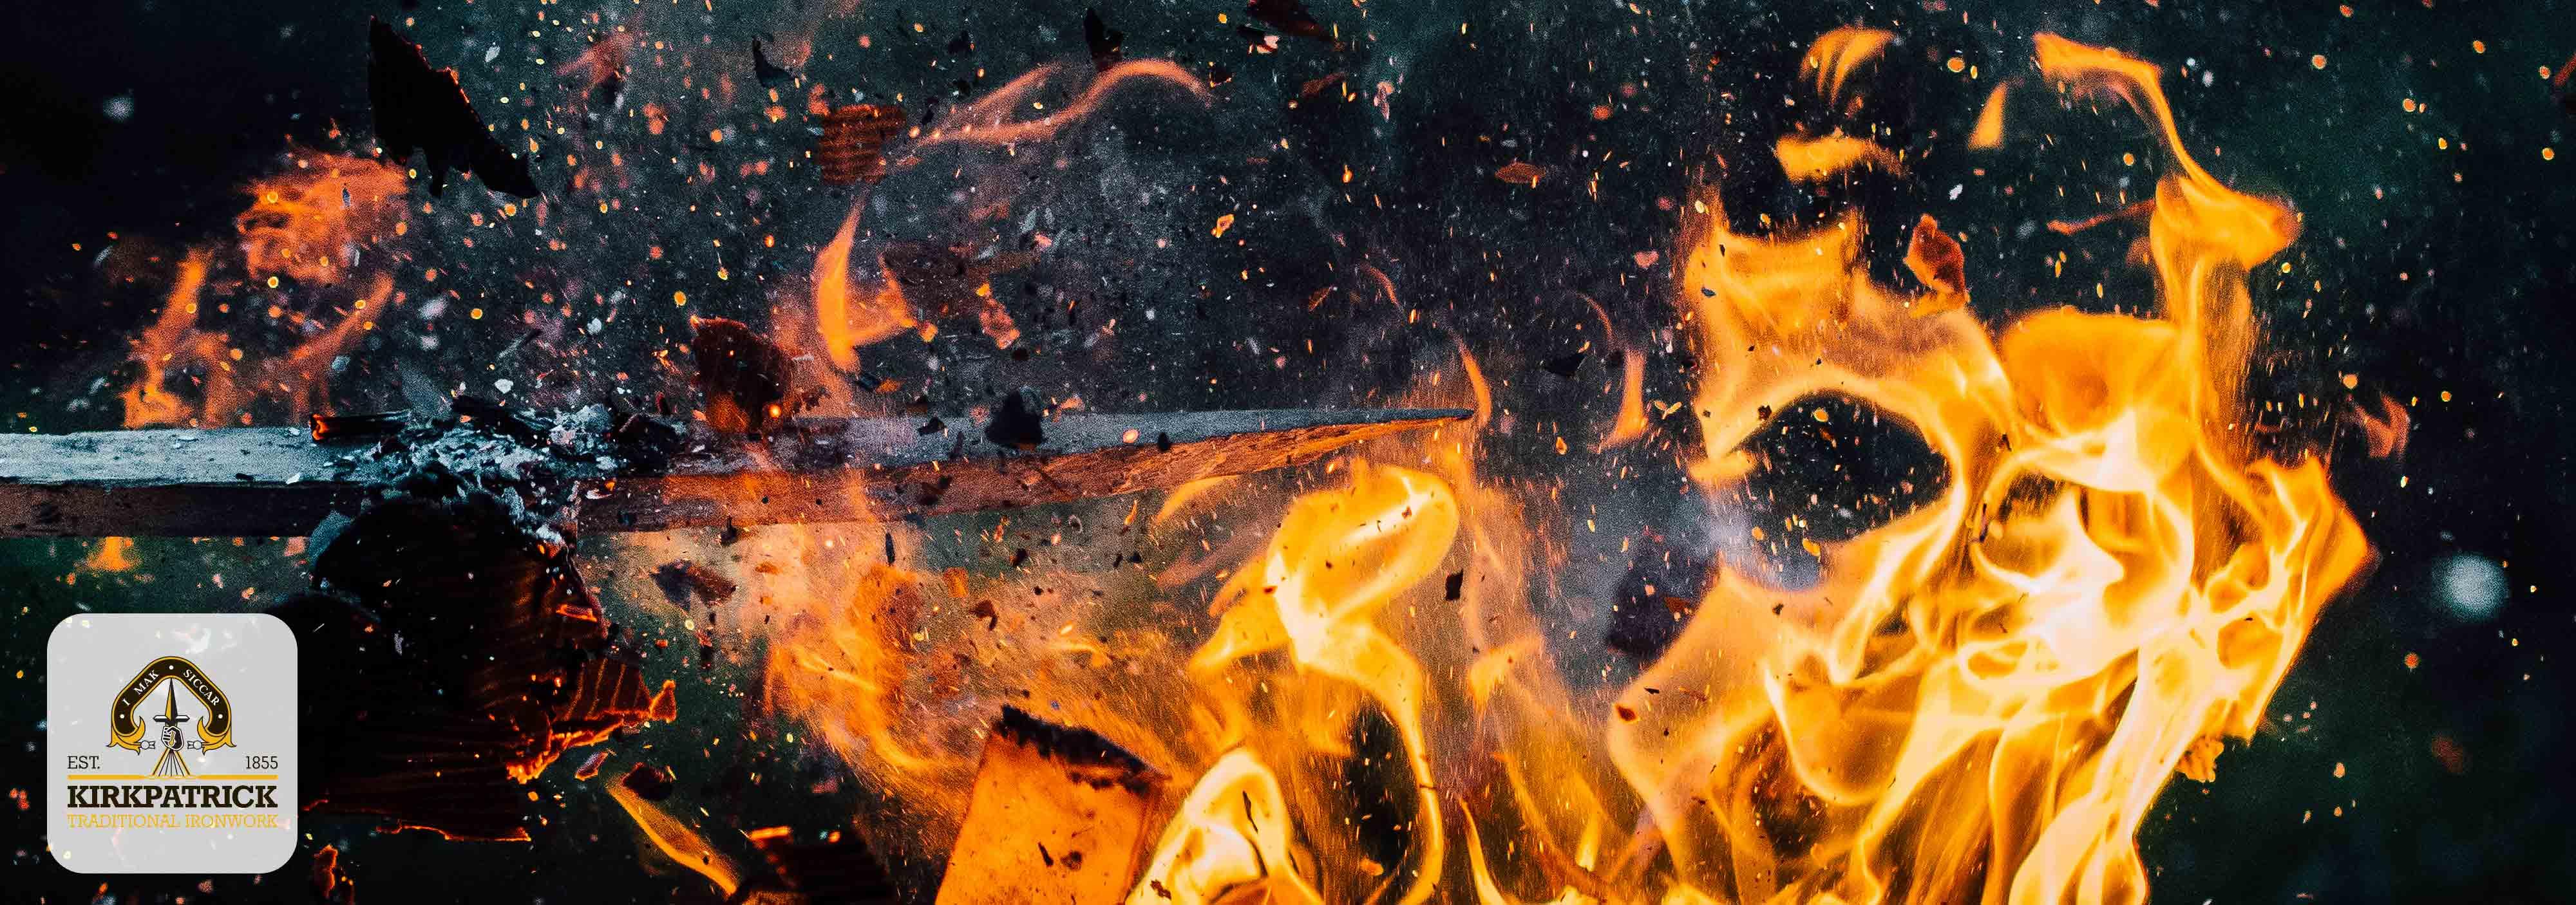 Hete oven voor het smelten van ijzer